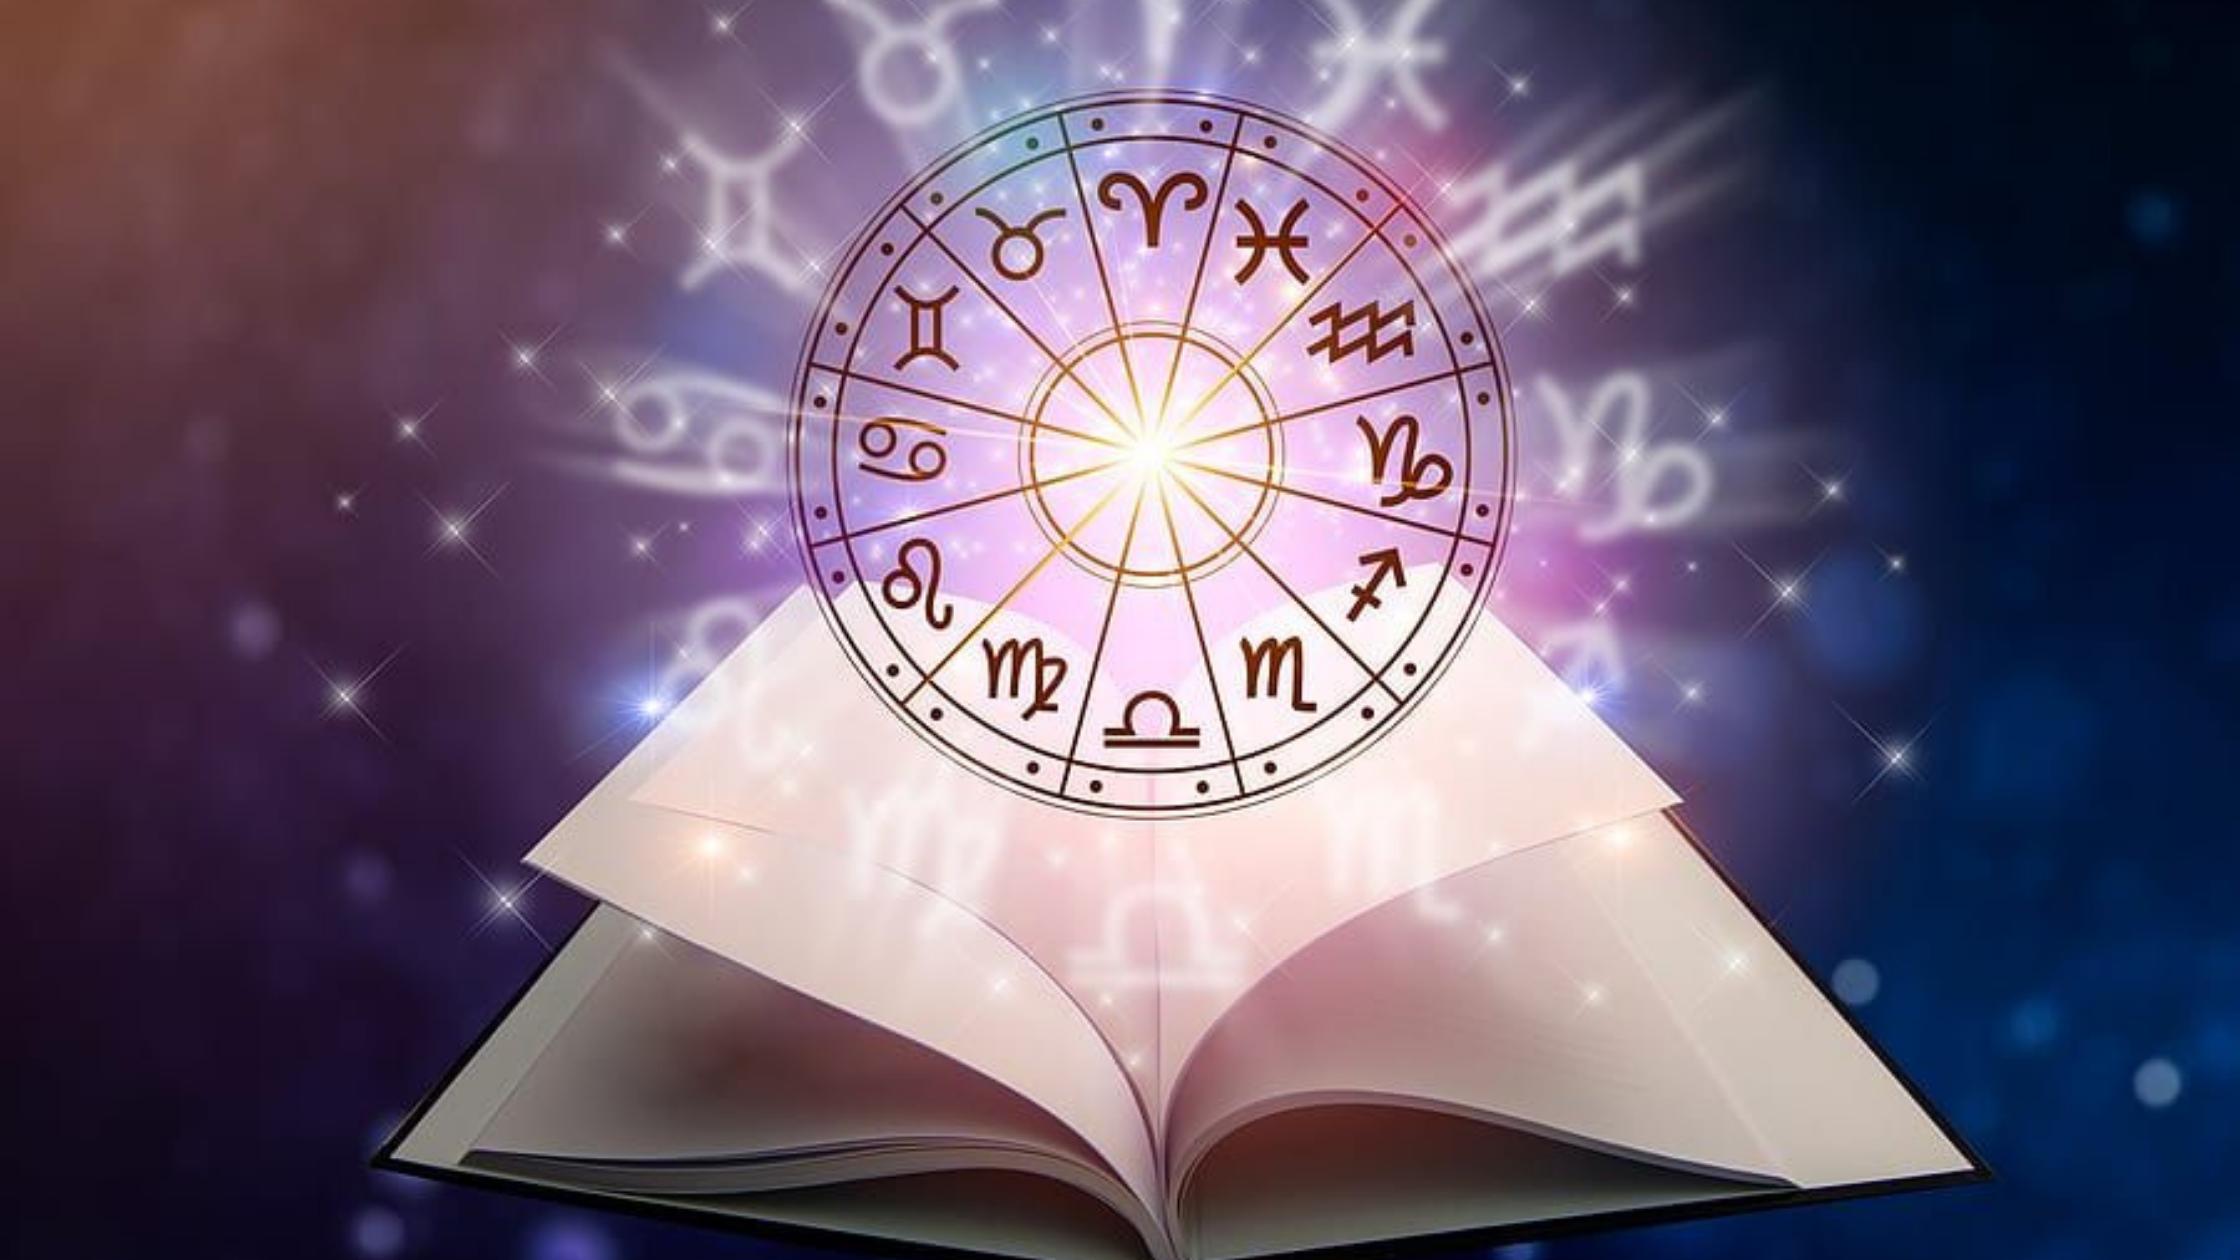 Today Horoscope 30-03-21 | Daily Horoscope